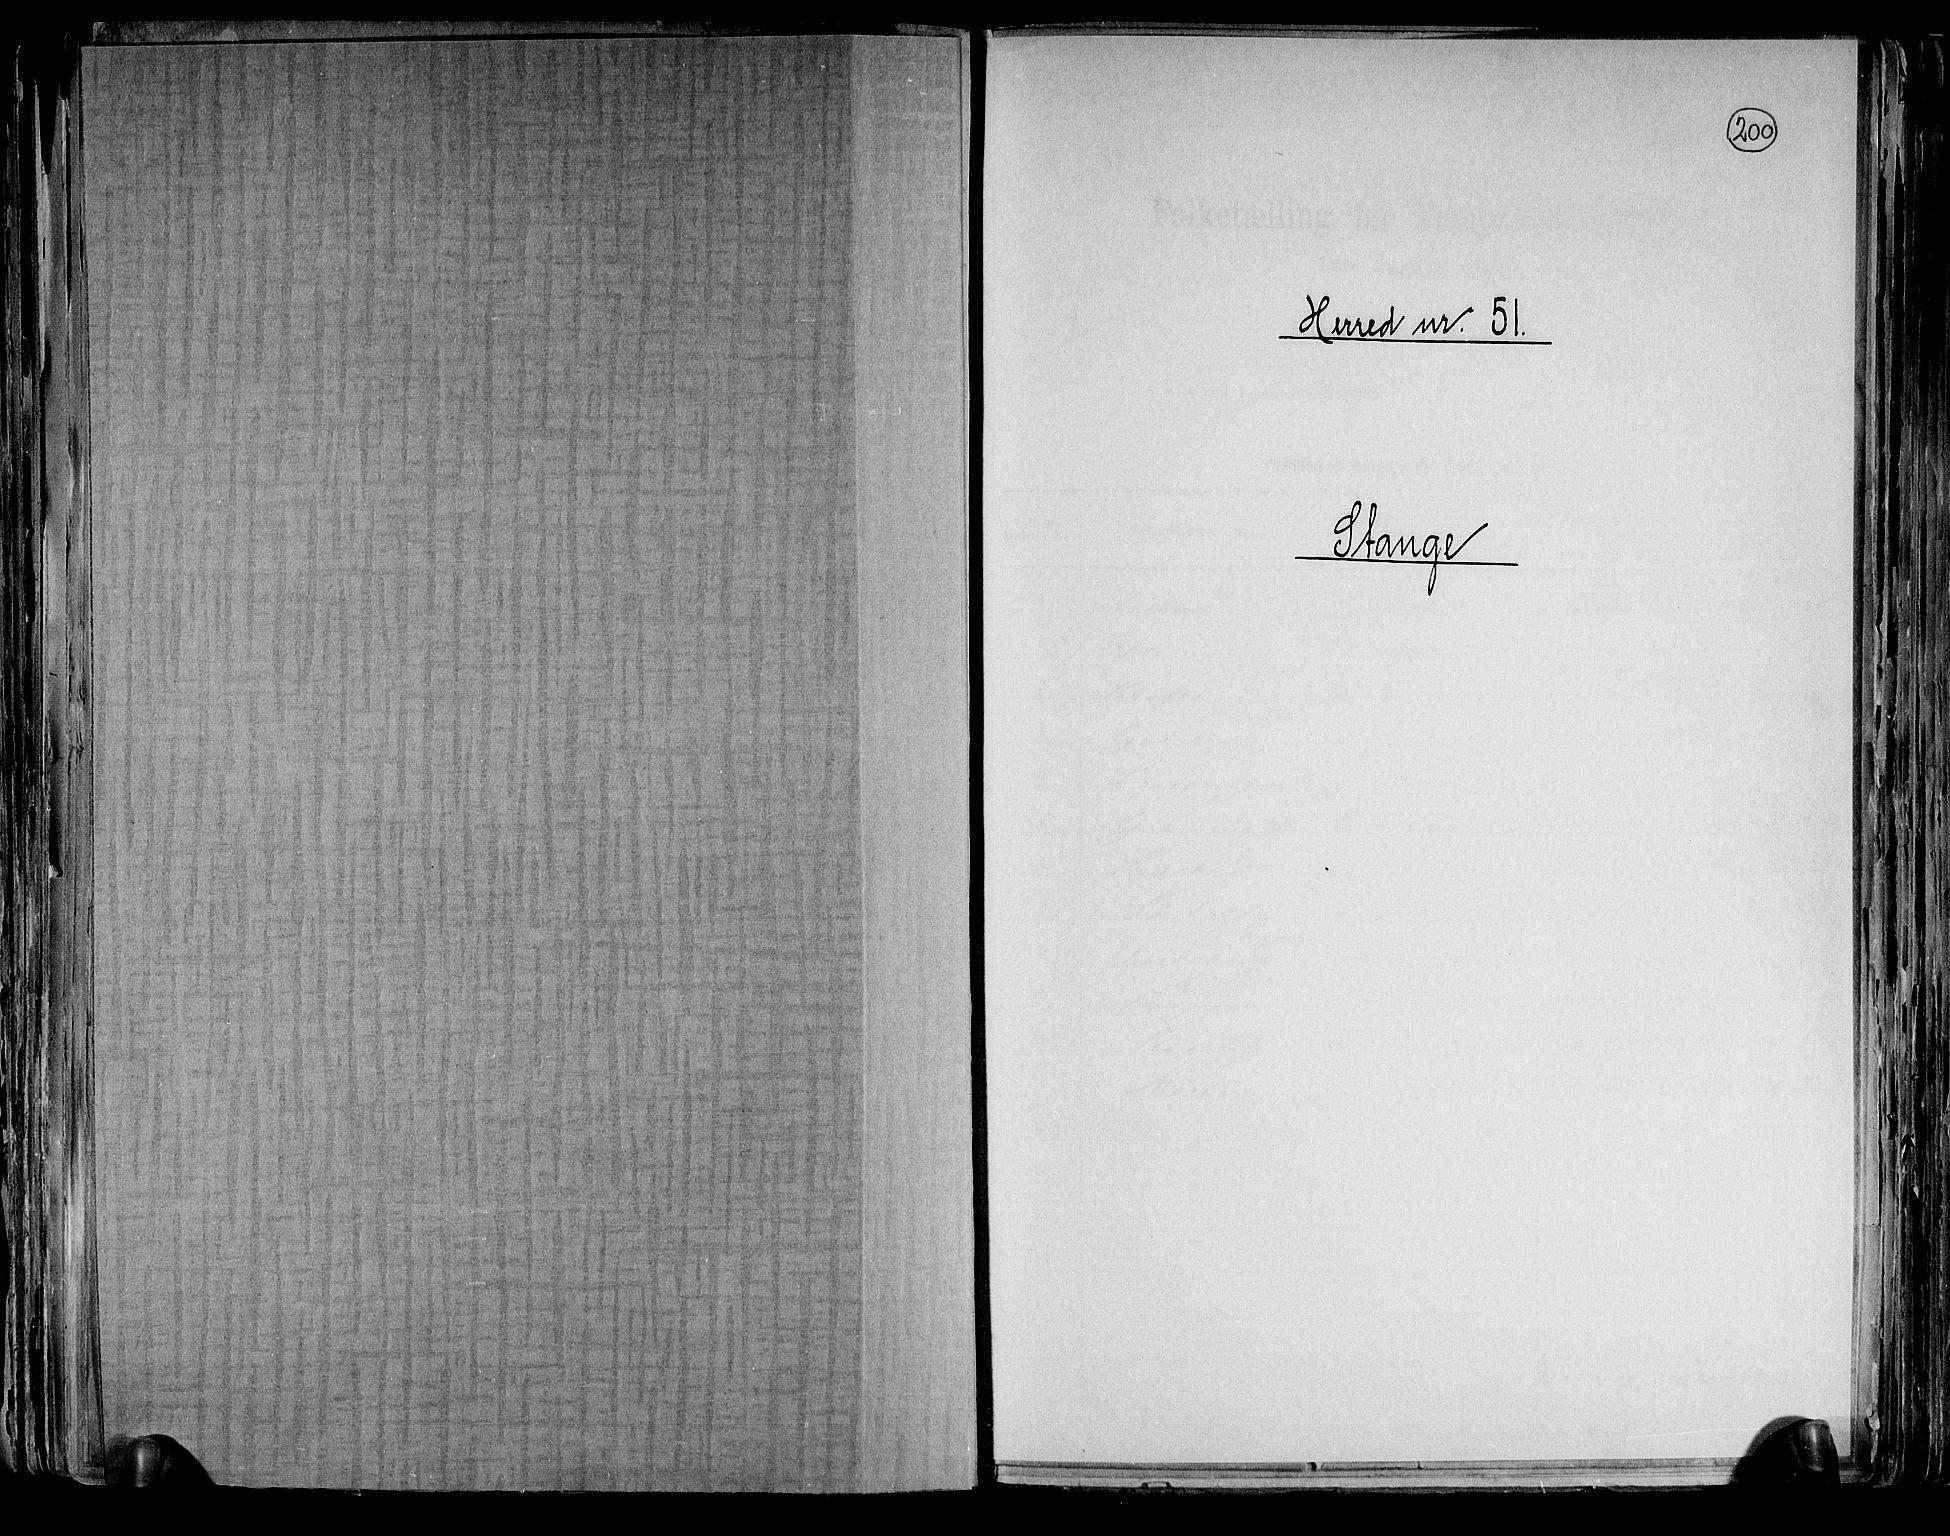 RA, Folketelling 1891 for 0417 Stange herred, 1891, s. 1